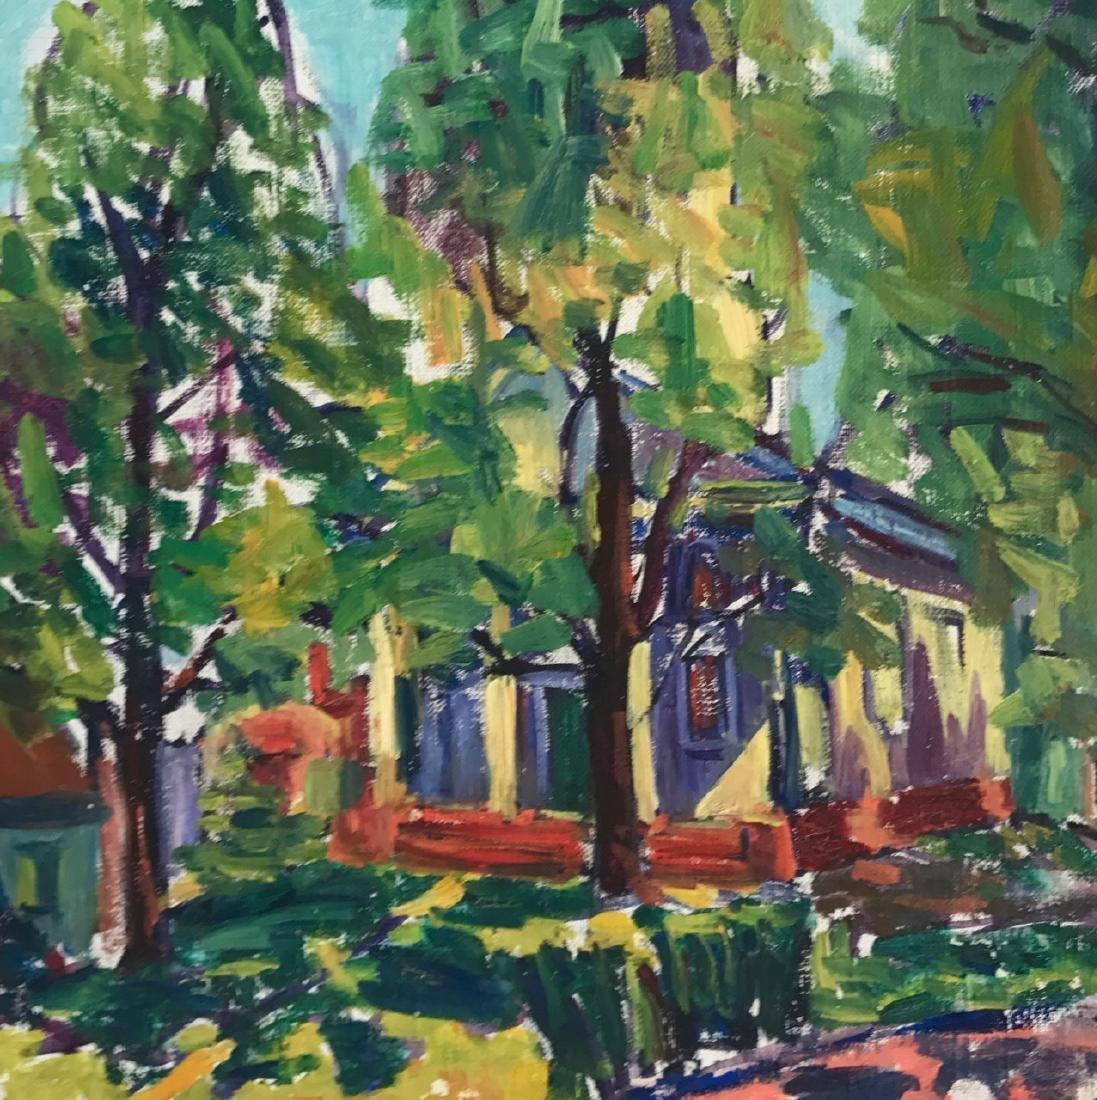 Gloucester Church Landscape Painting, H. Landon, 1950's - 2